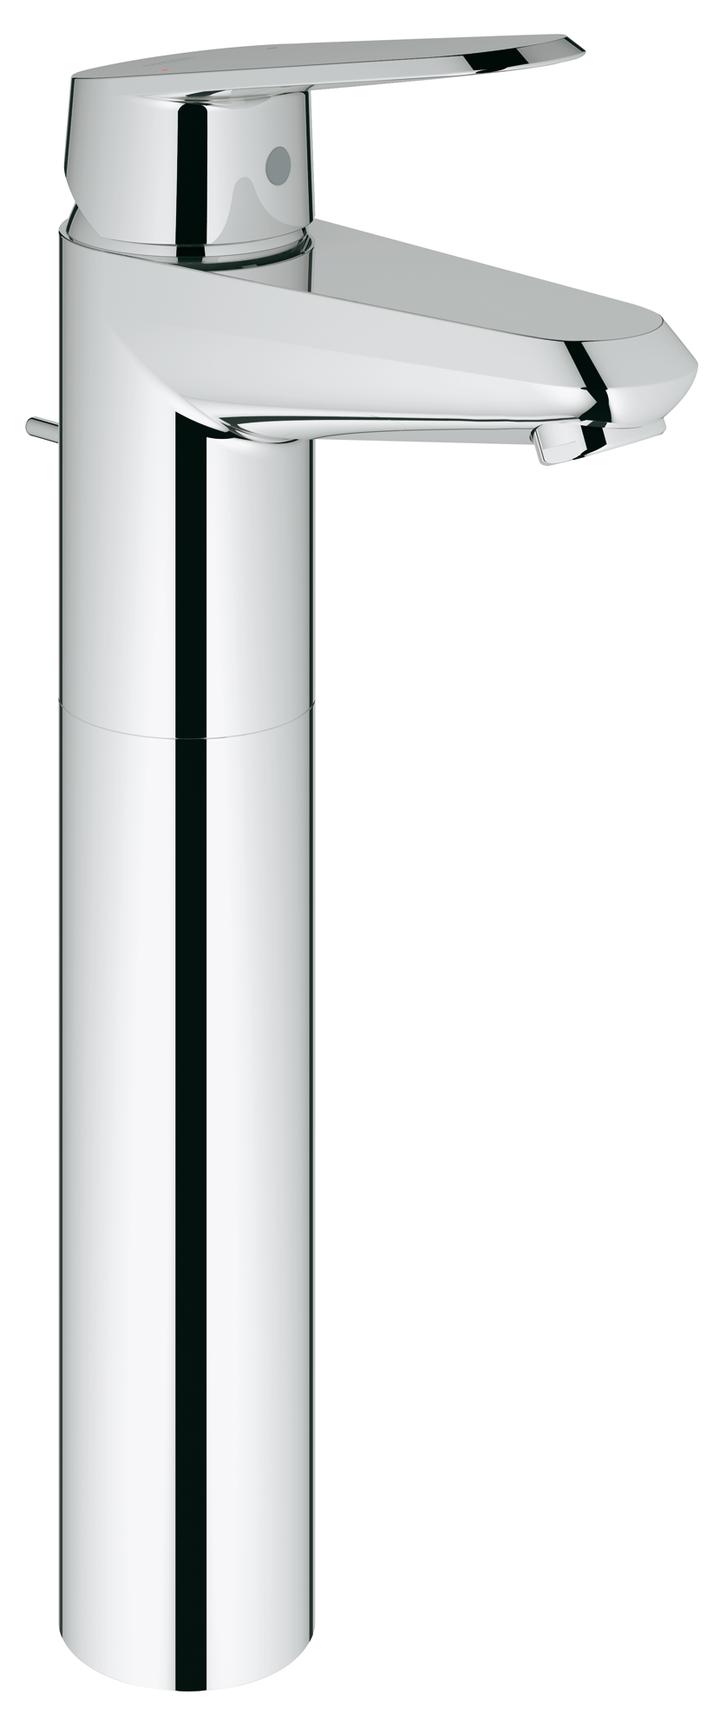 Grohe 2338420E Miscelatore Monocomando per Lavabo Taglia S Eurodisc Cosmopolitan Cromo